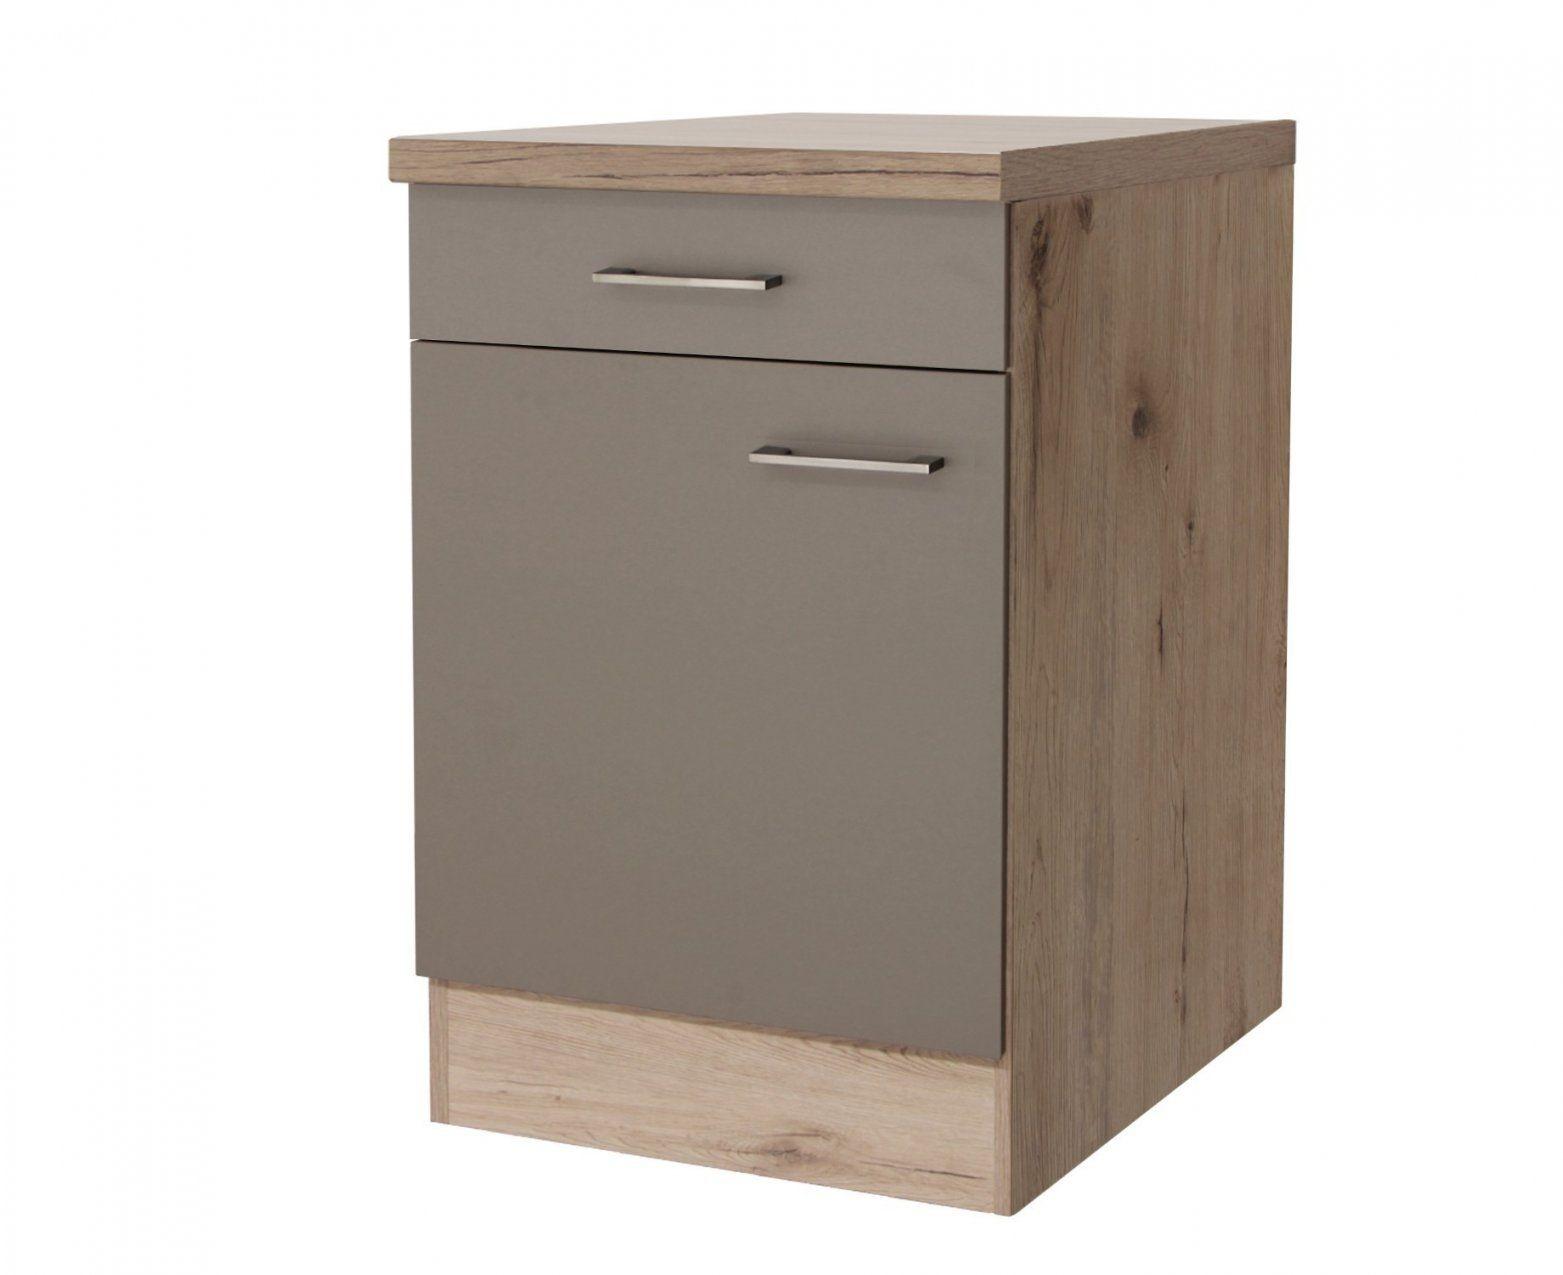 Ikea küche 60 cm ebay dunstabzugshaube 60 cm luxus sconto küche